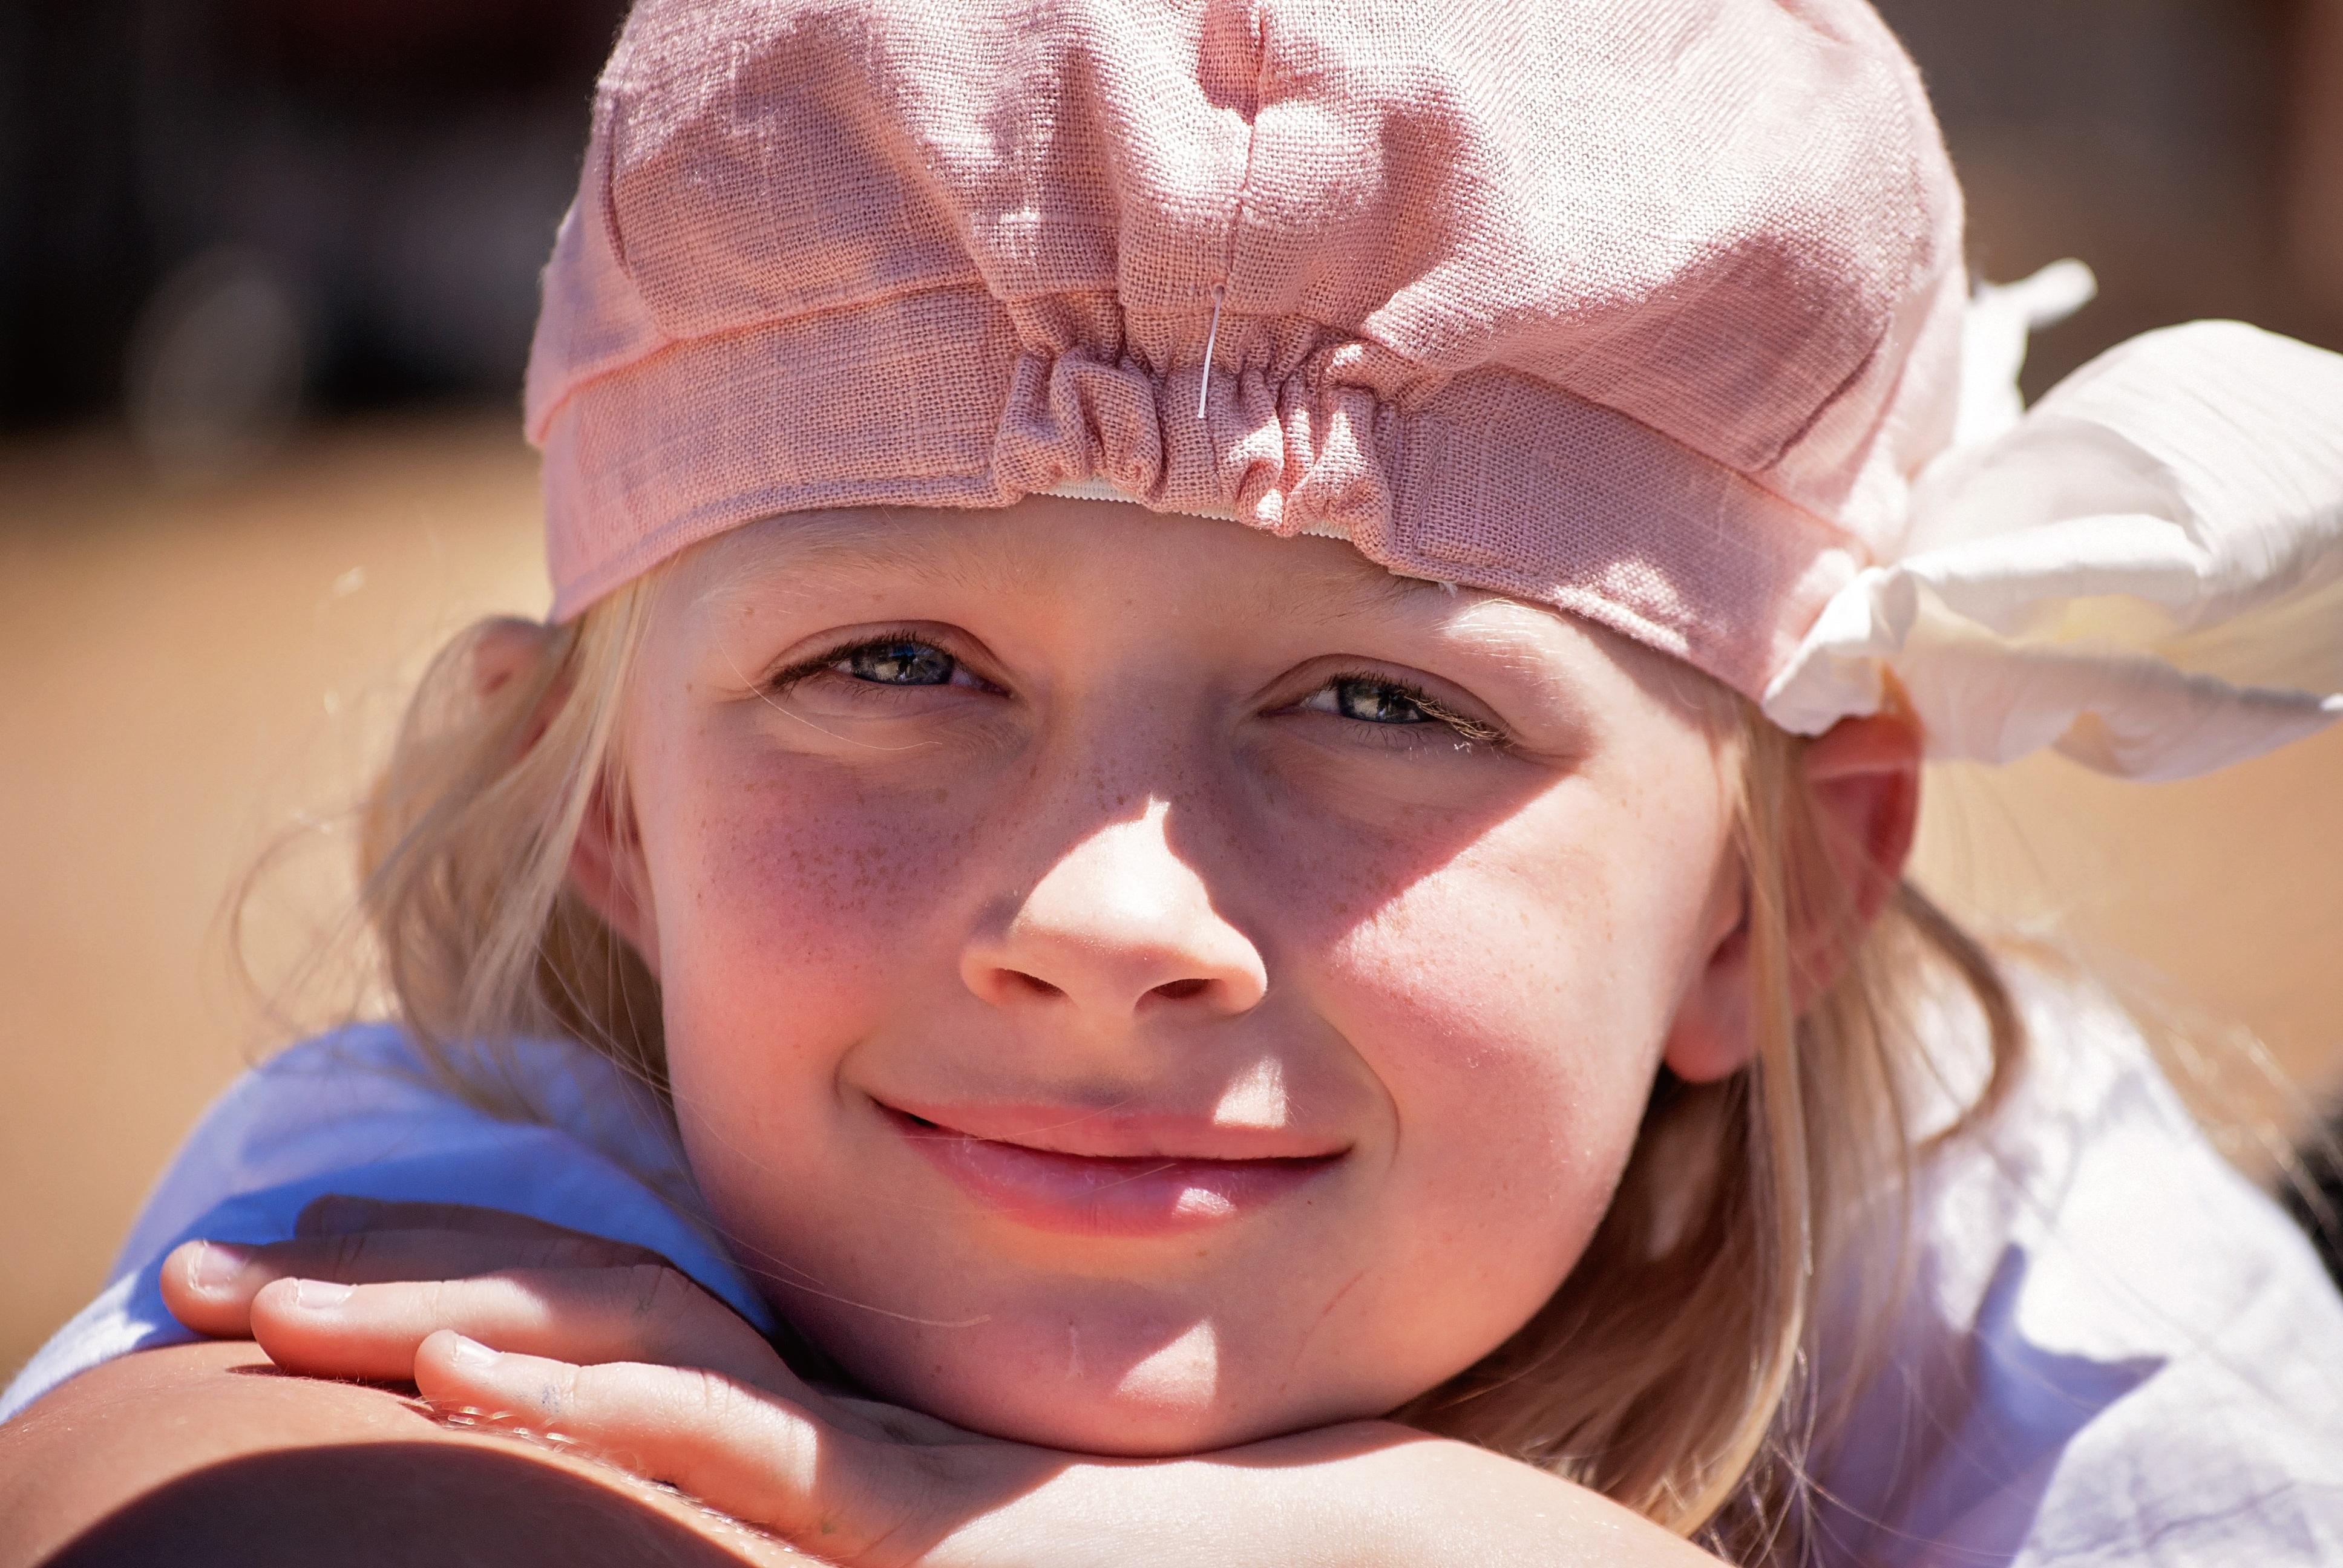 Fotos gratis : persona, gente, niña, mujer, blanco, fotografía ...